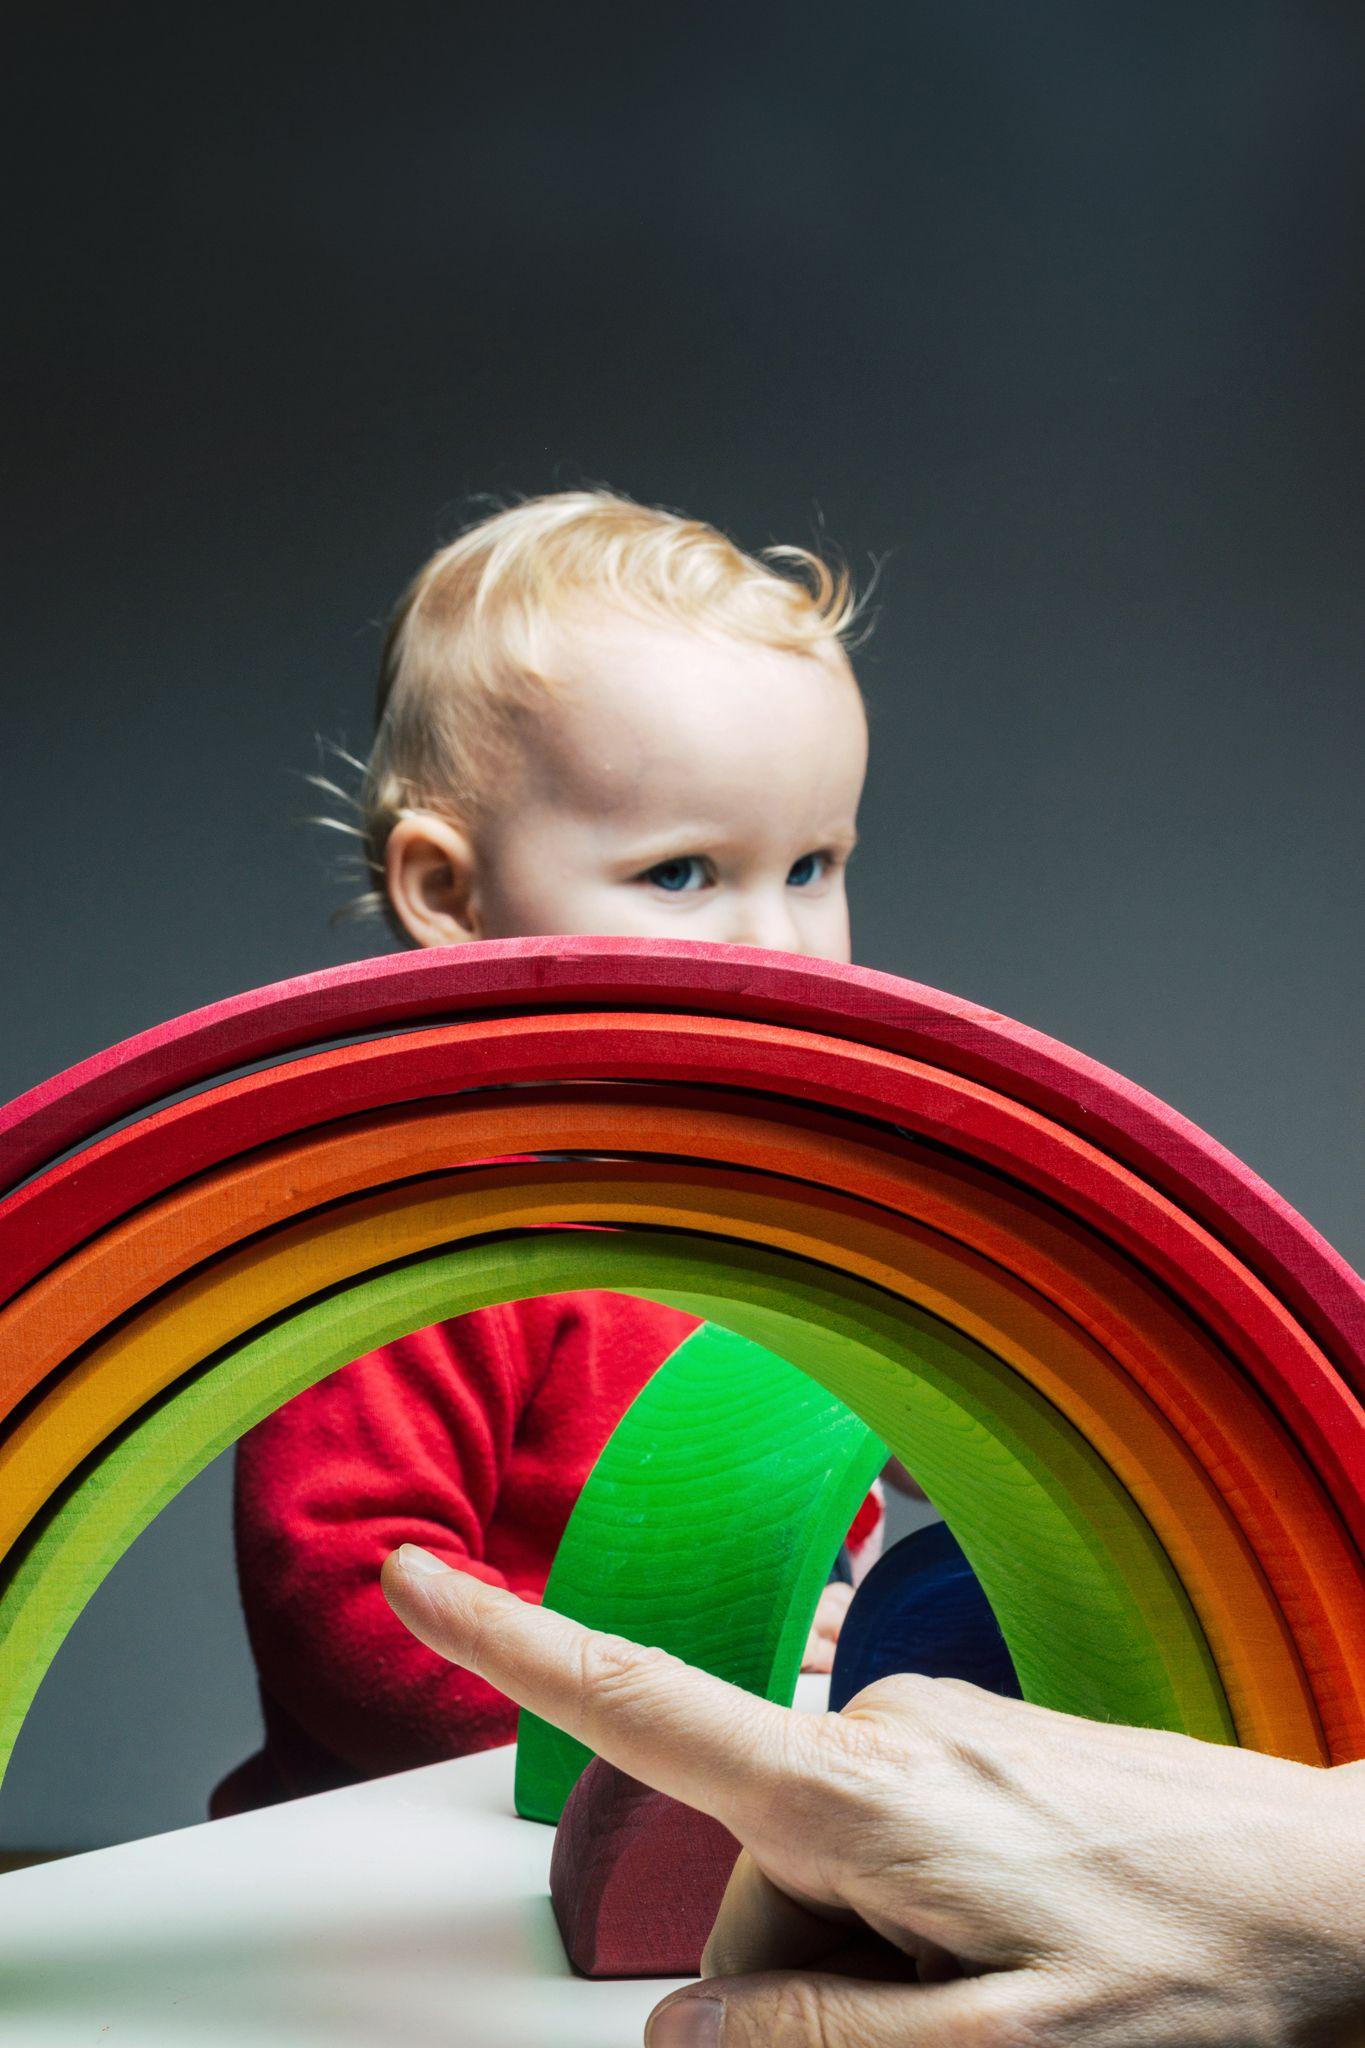 Montessori Geschenke 10 Ideen Ab 1 Jahr The Krauts Geschenke Fur 1 Jahrige Geschenk Kind 2 Jahre Geschenkideen Geburtstag Kinder